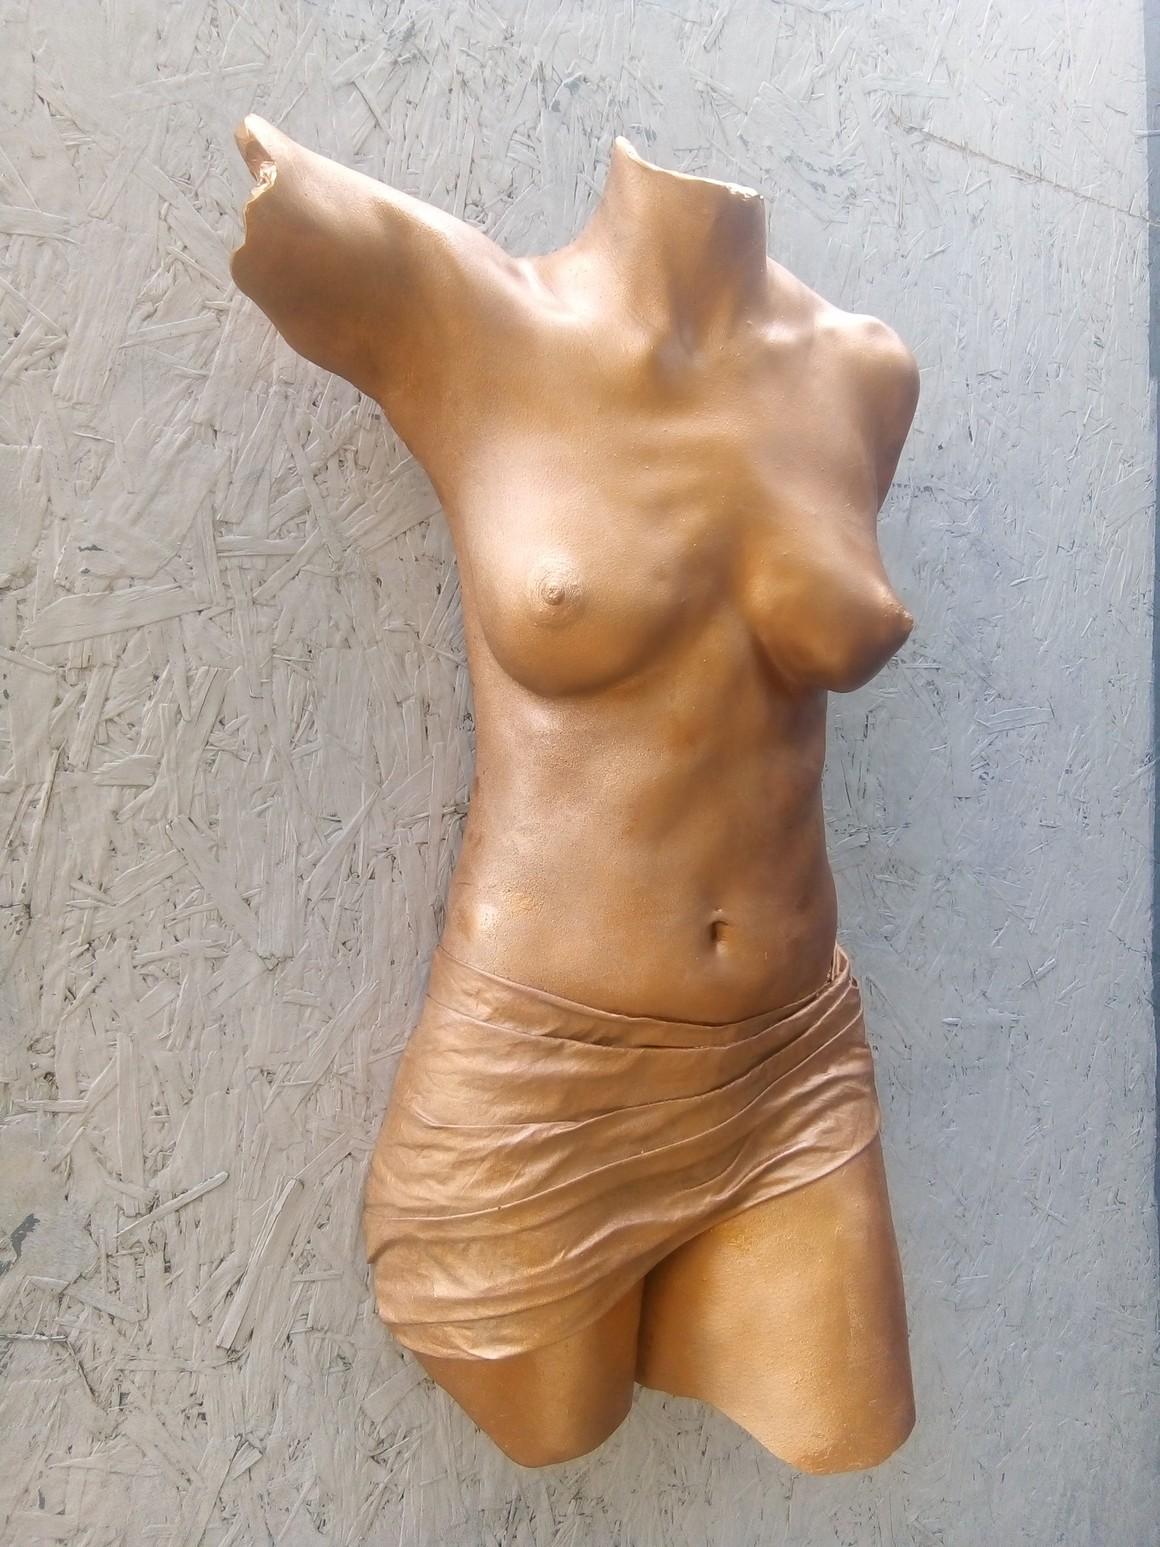 Cyprus - semi nude